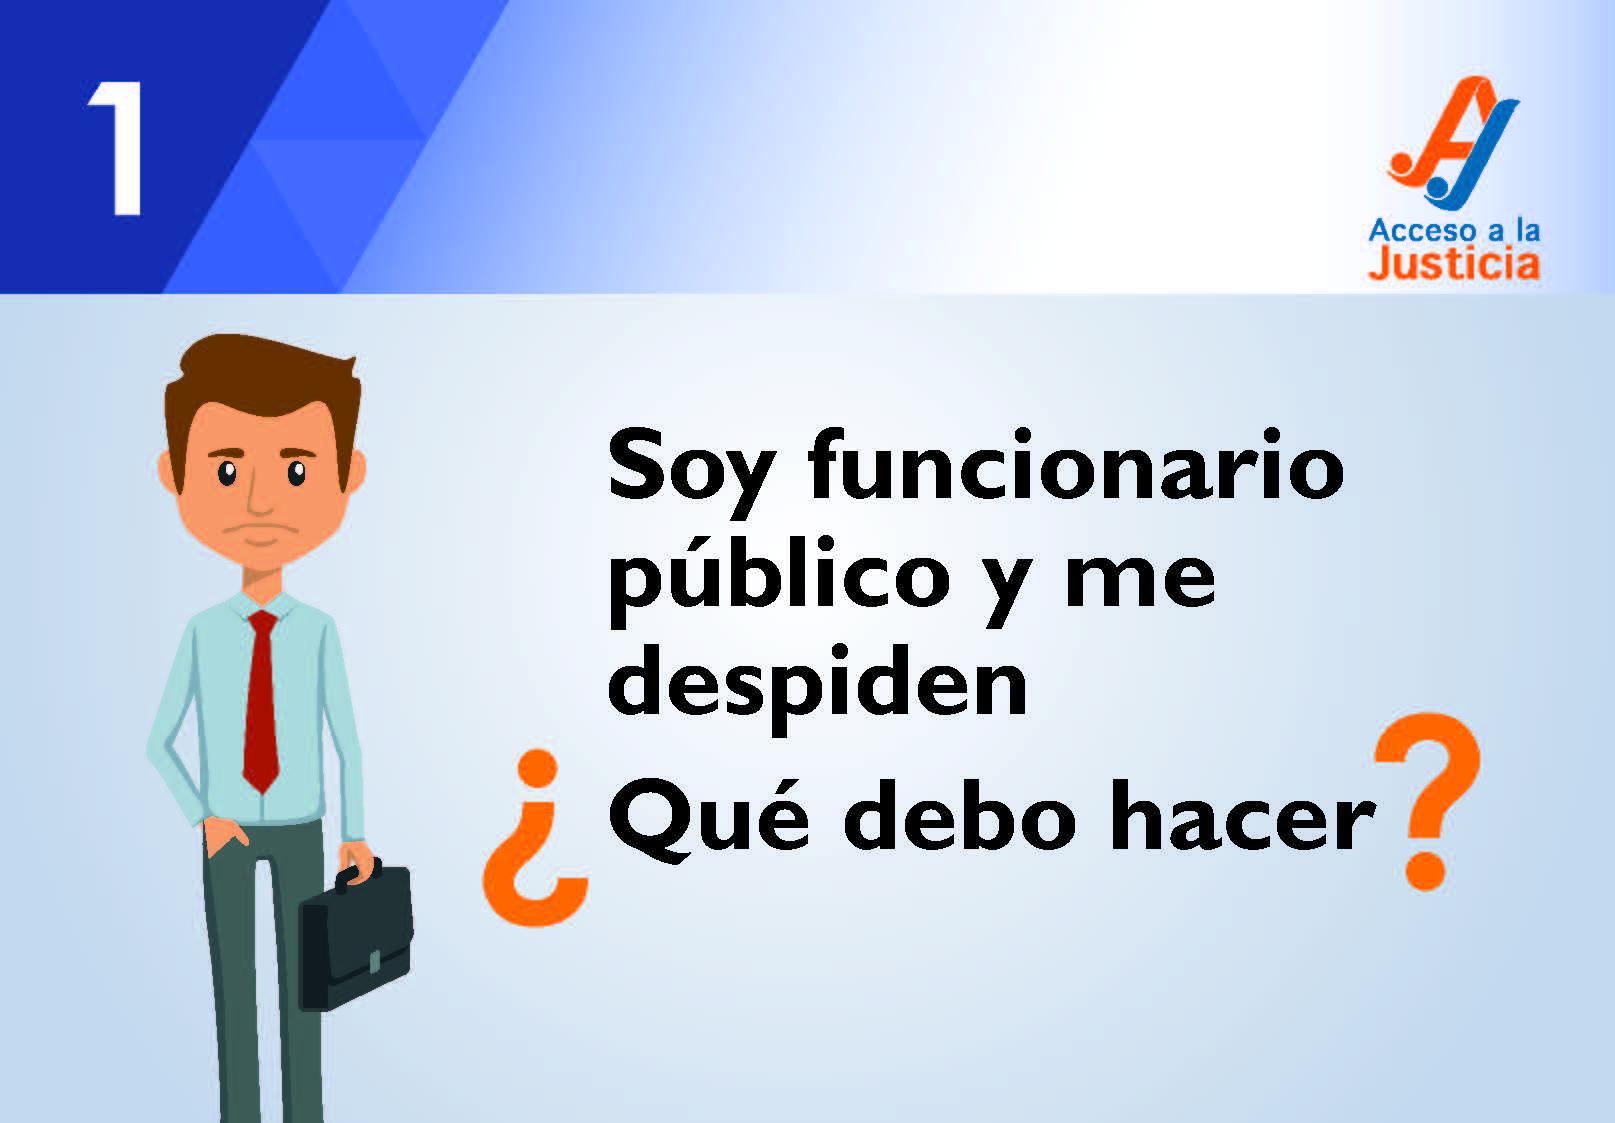 Soy funcionario público y me despidieron, ¿qué hago?